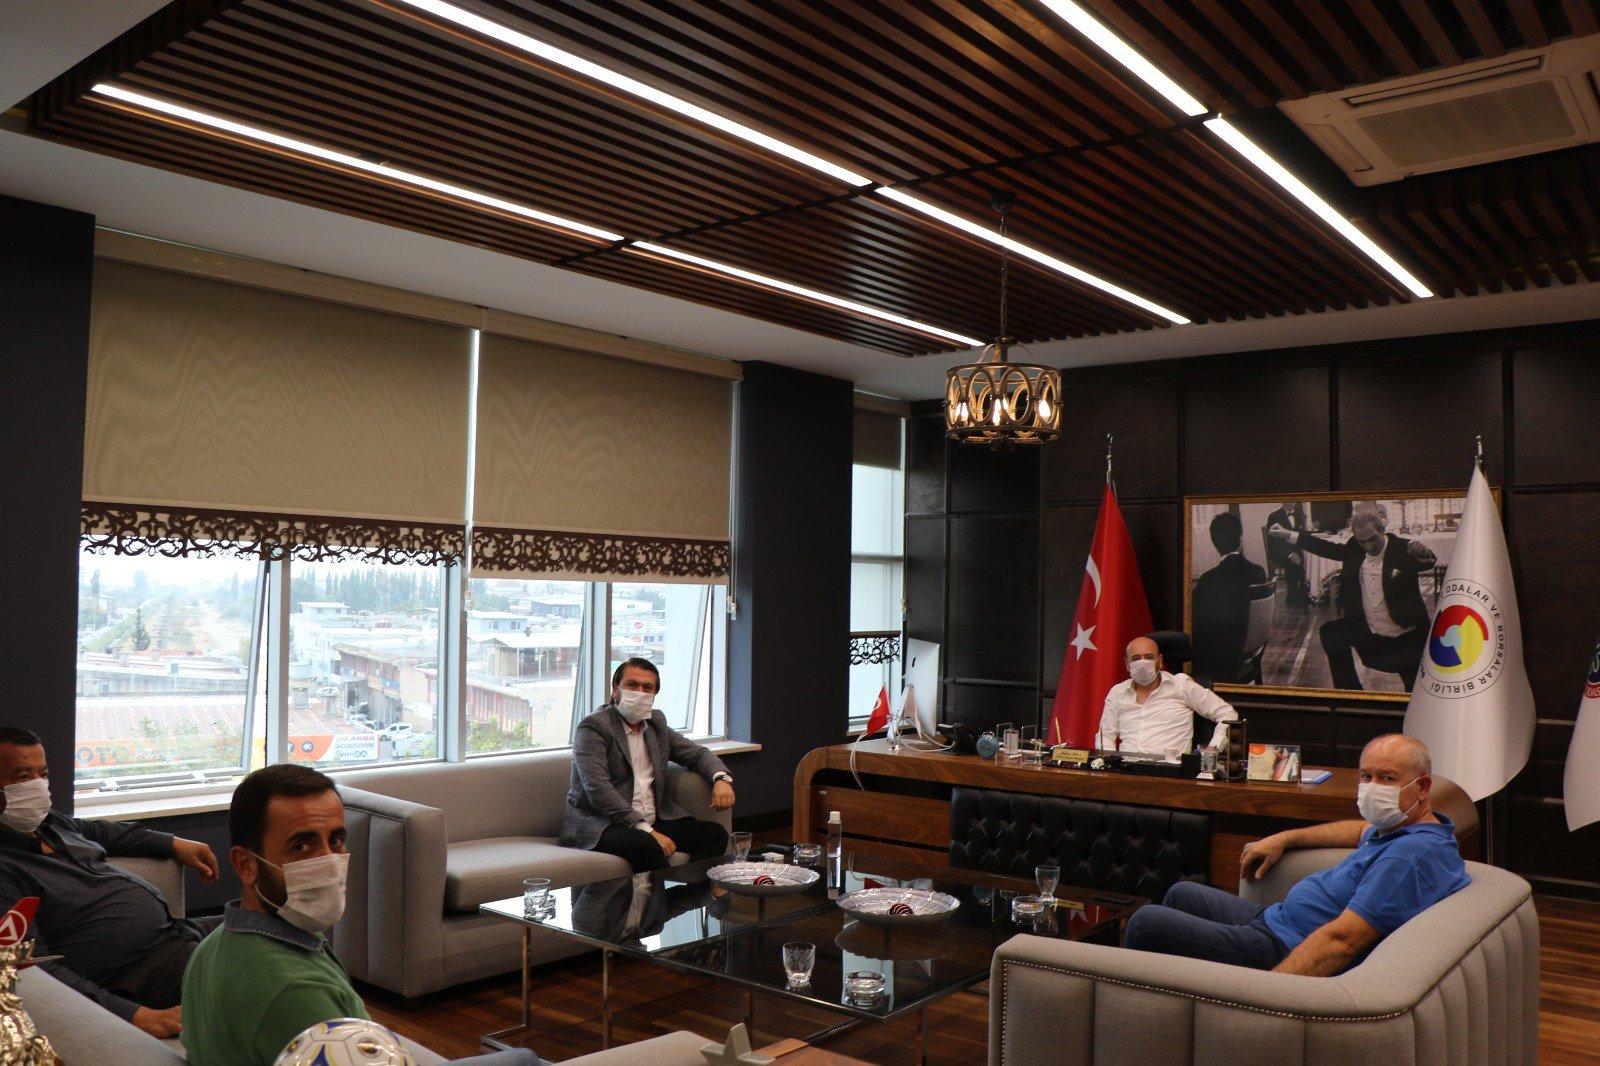 Aymas Galericiler Sitesi Başkanı Sayın Mustafa AKYOL ve  Yönetim Kurulu Üyeleri, TOBB Yönetim Kurulu Üyesi ve Odamız Başkanı Hakan ÜLKEN'i makamında ziyaret etti